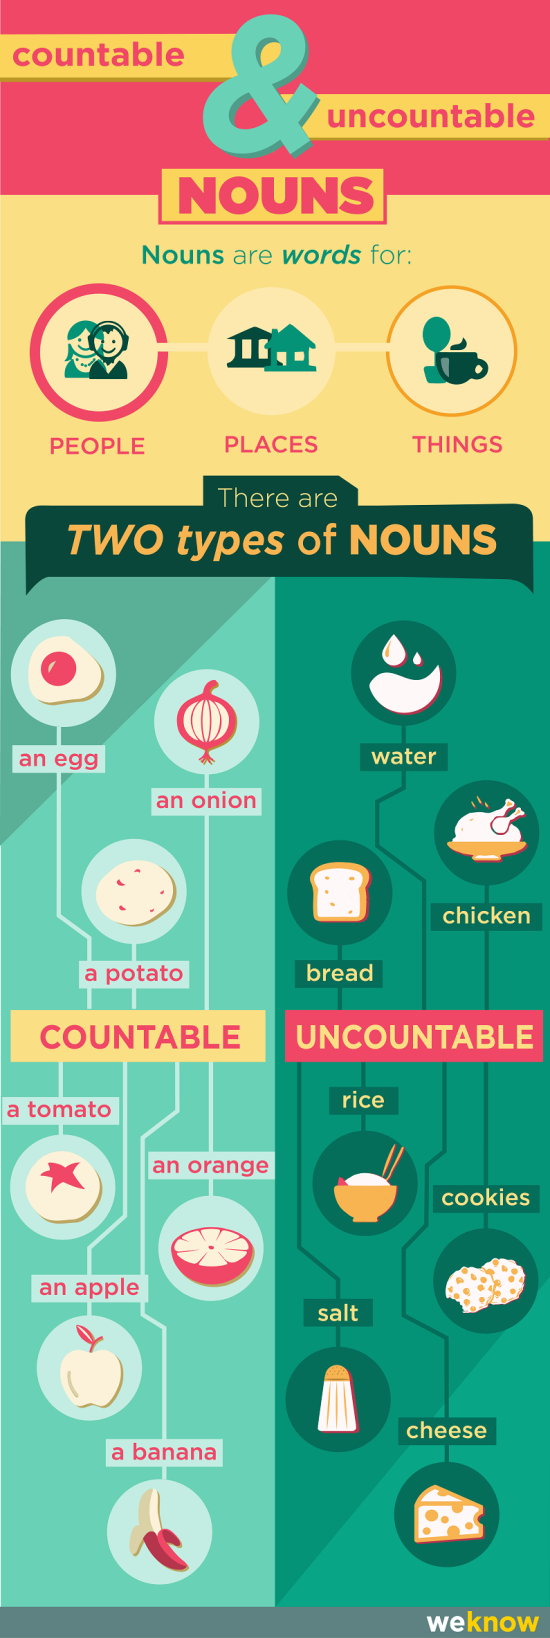 Pocitatelna a nepocitatelna podstatna jmena v anglictine - infografika